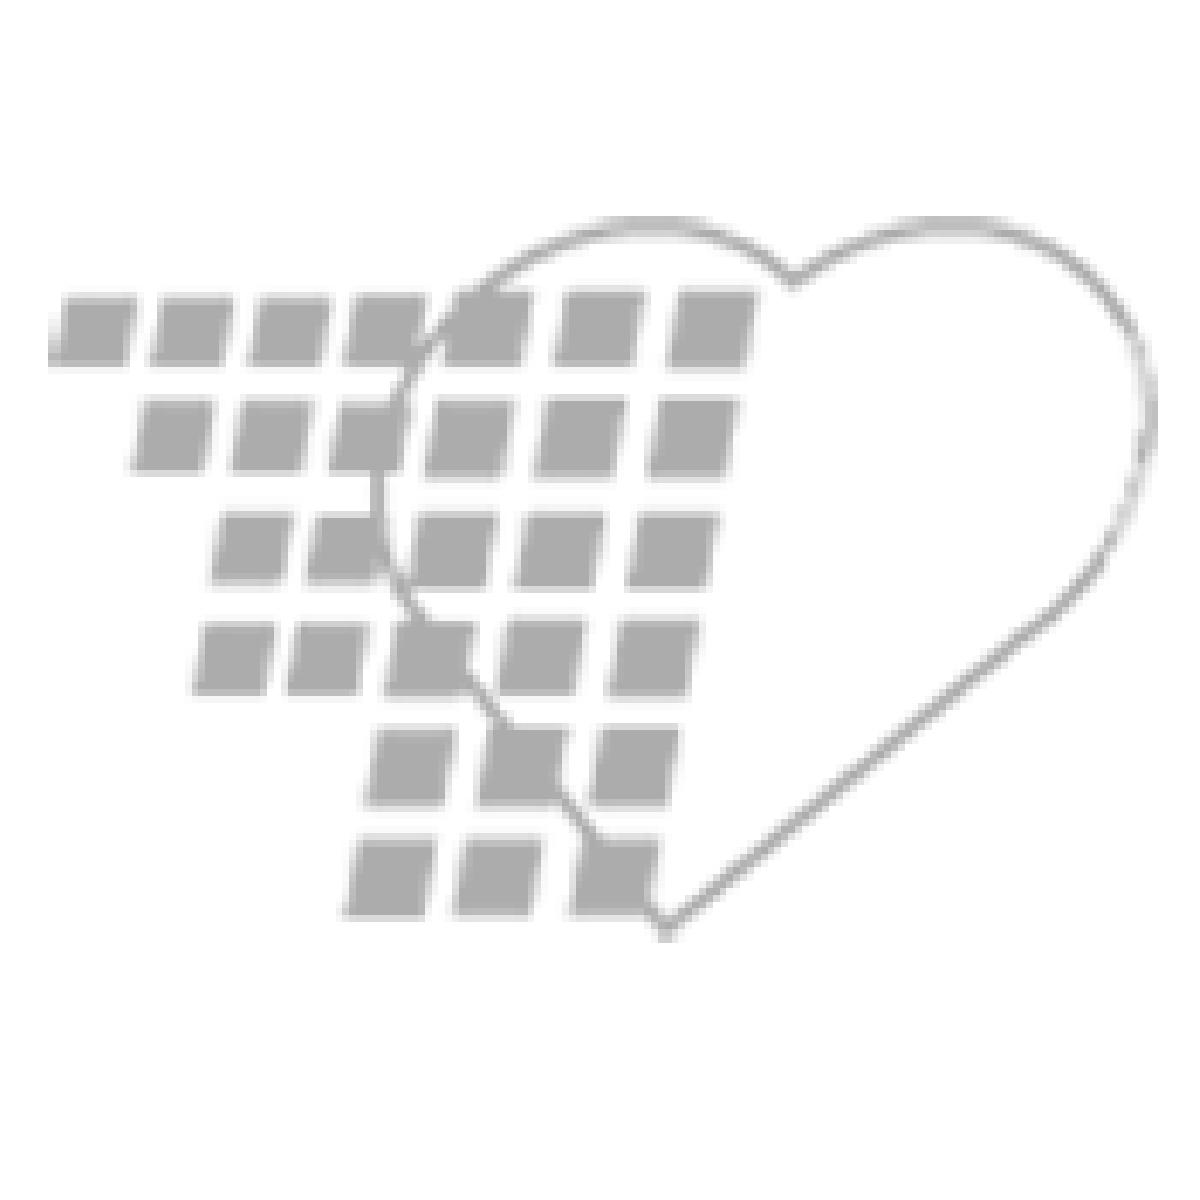 09-79-6943 - Kaplan Medical's Anatomy Flashcards